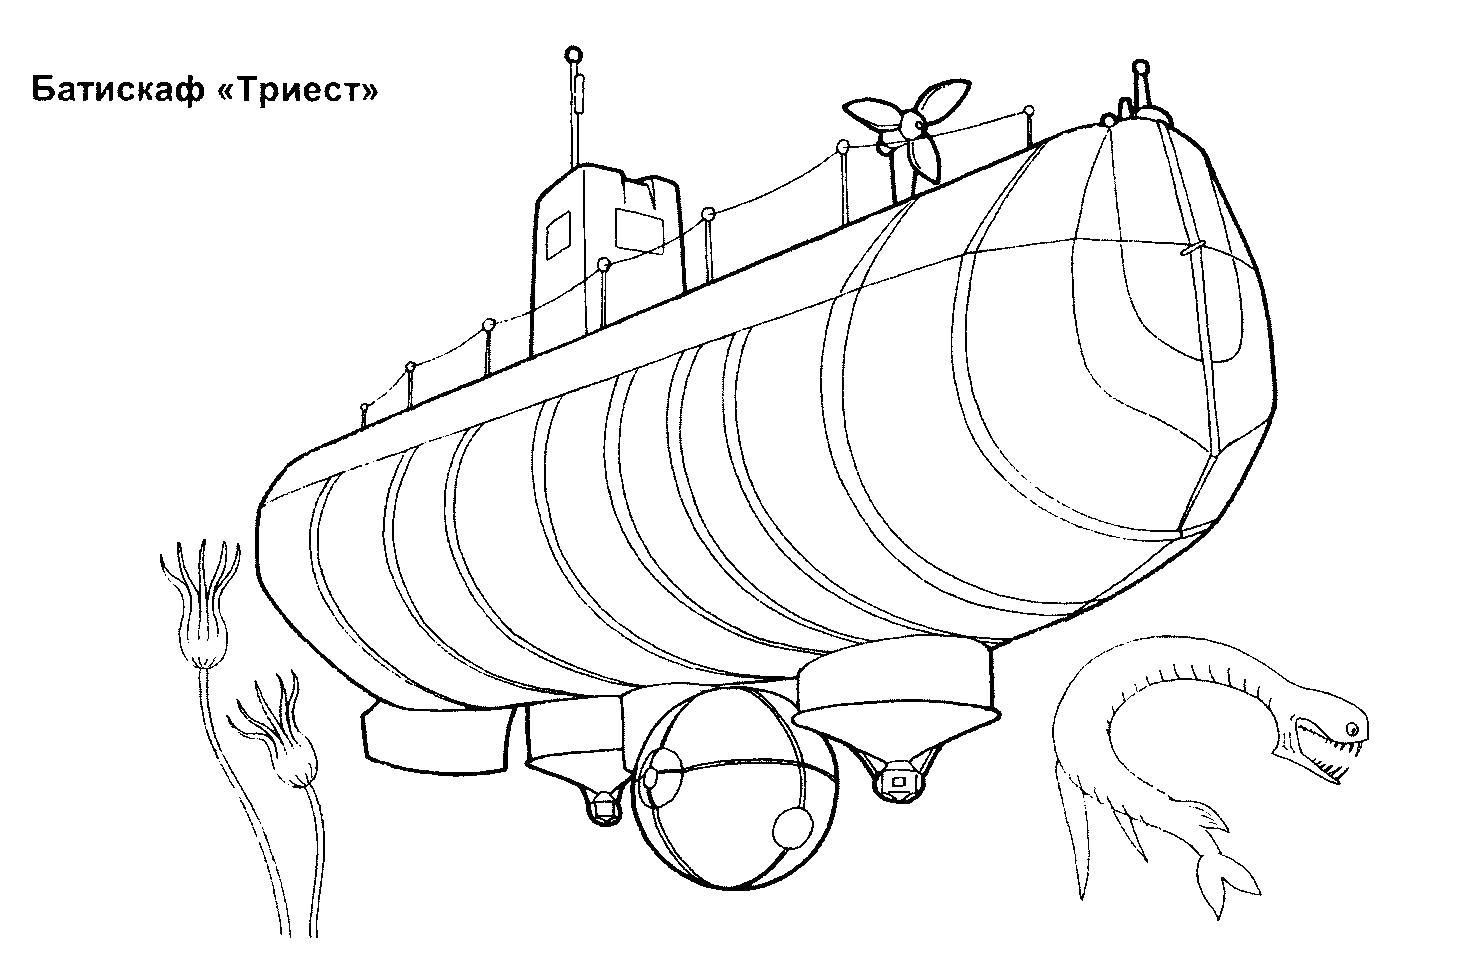 Подводные лодки батискаф триест Раскрашивать раскраски для мальчиков